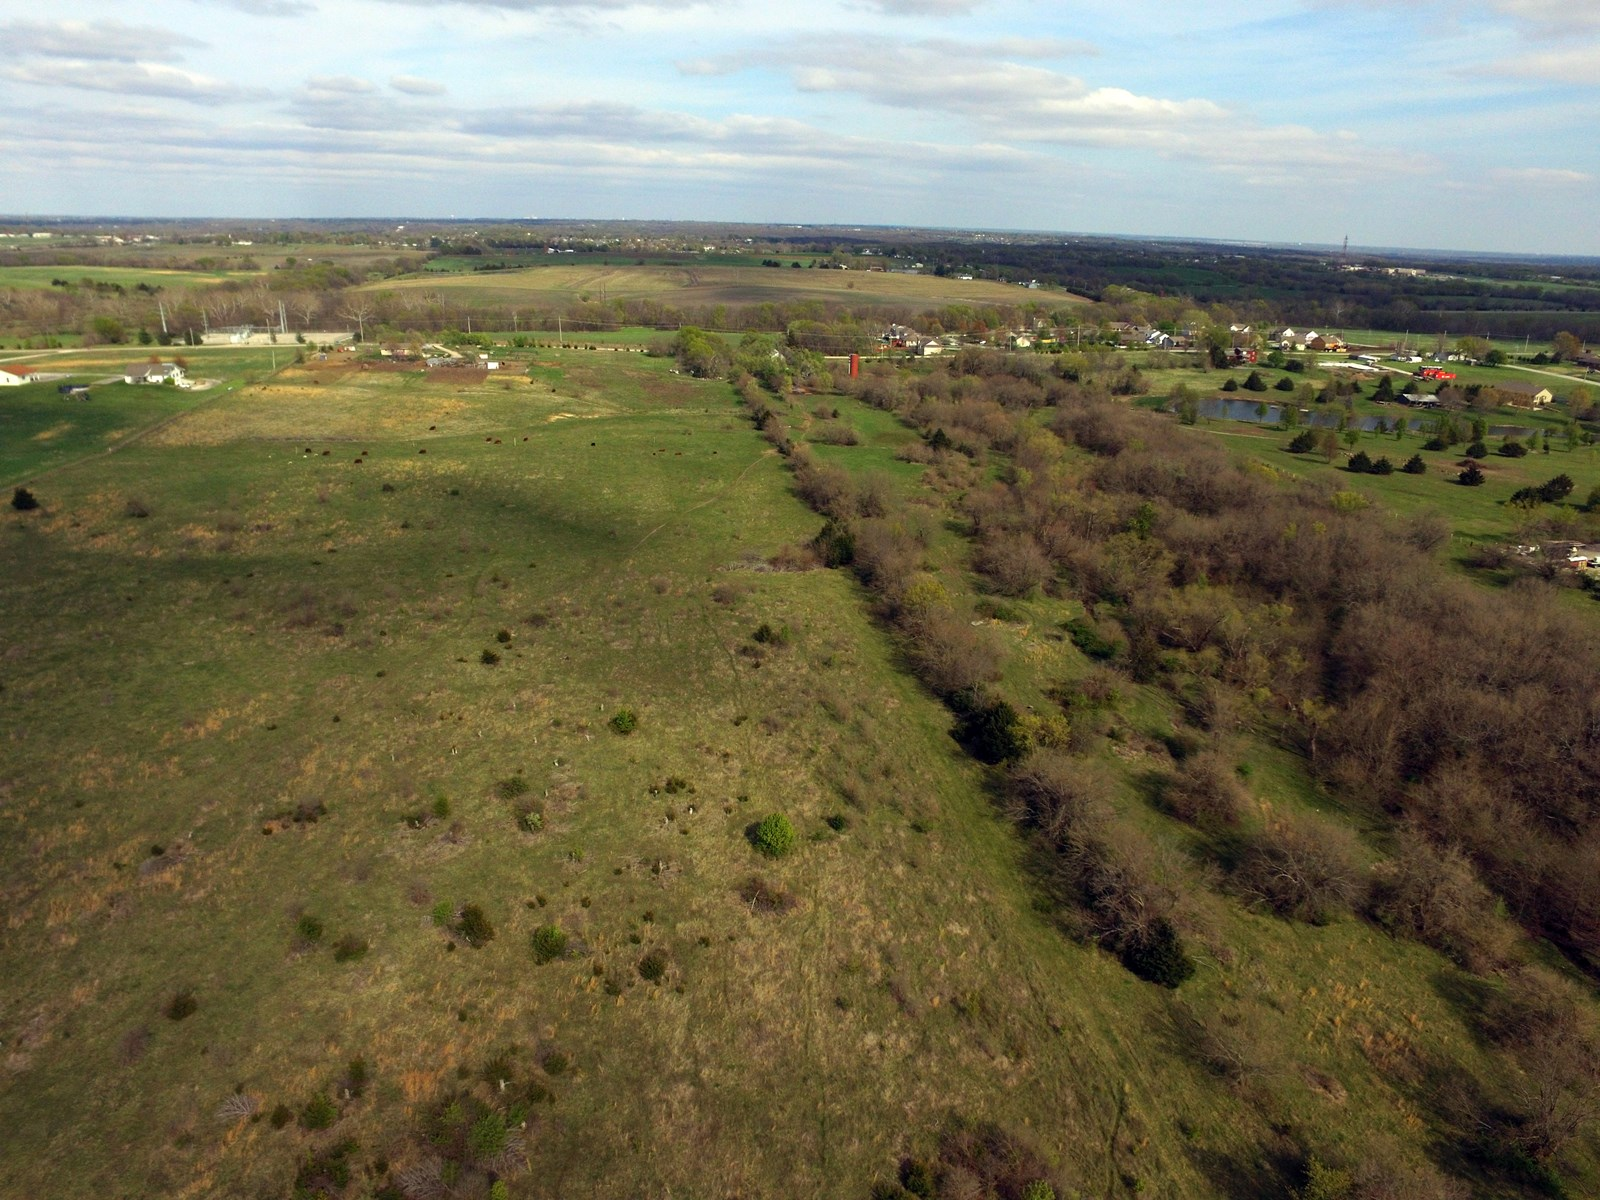 Development Land in Basehor Kansas For Sale